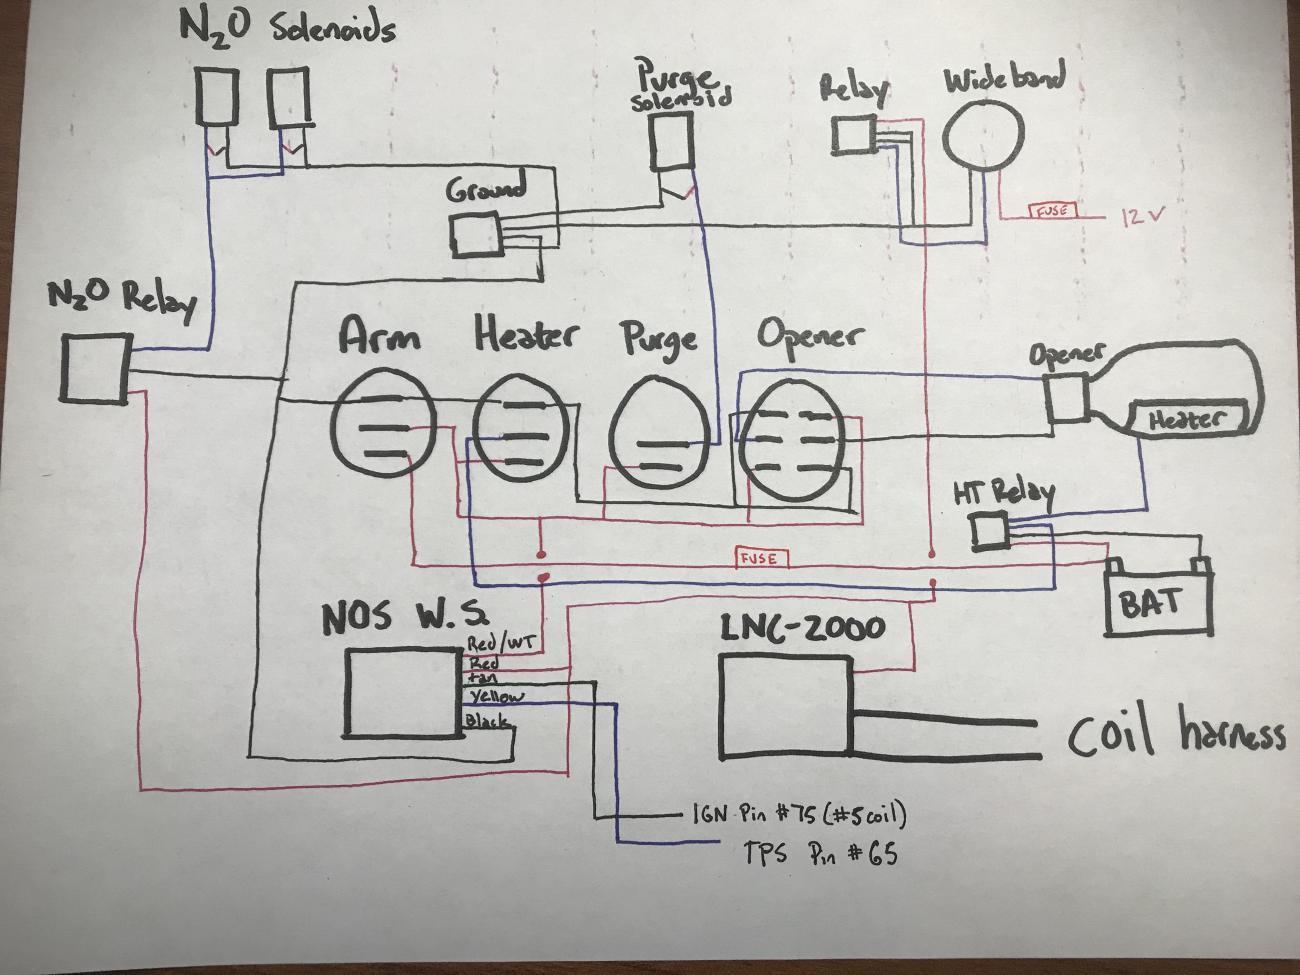 msd rpm switch wiring diagram nos window switch wiring camaro5 chevy camaro forum camaro zl1  camaro5 chevy camaro forum